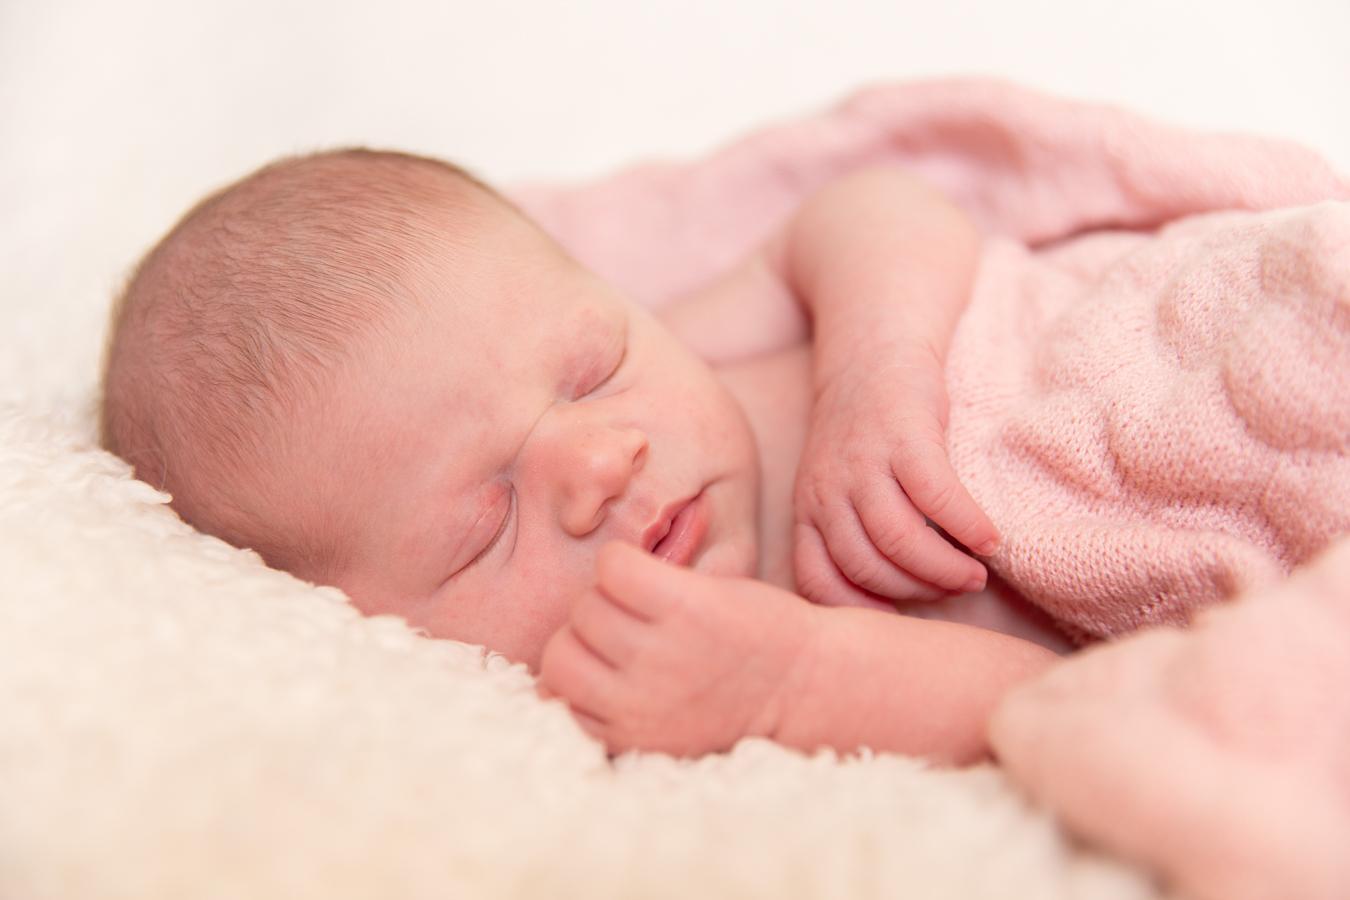 susanbonhoffotografie.newbornshoot.eerbeek-24.jpg